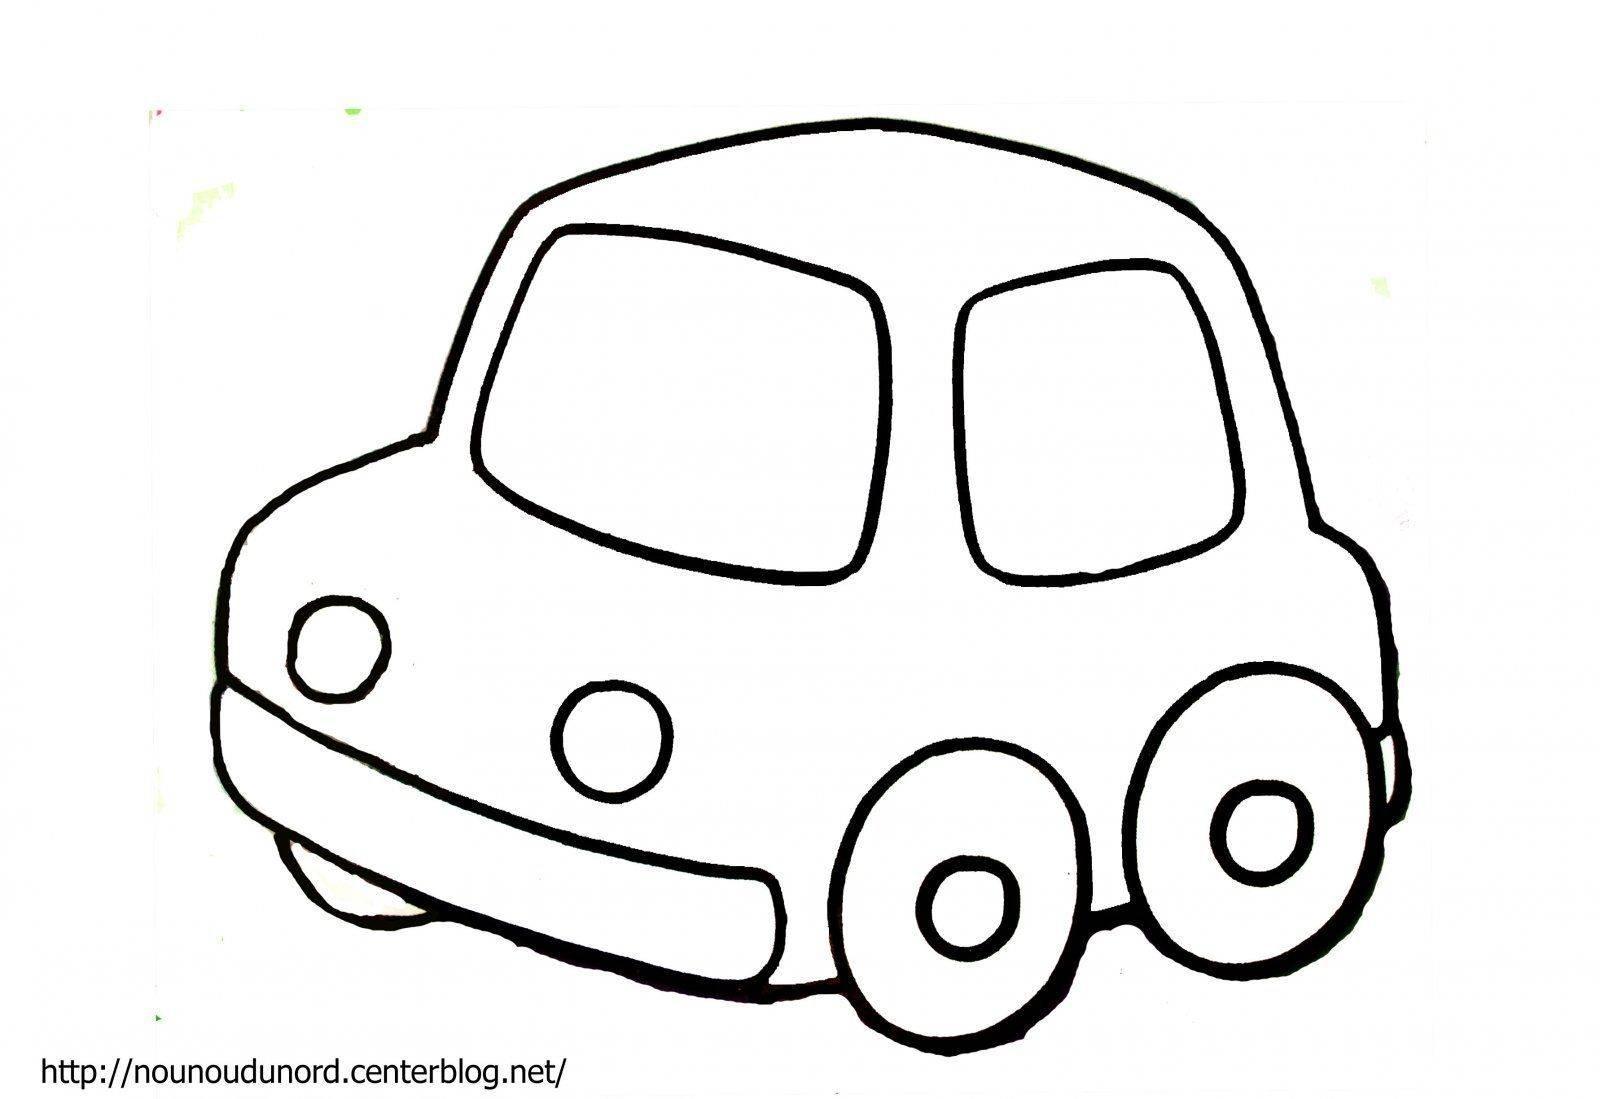 dessin-cars-ferrari-et.jpg